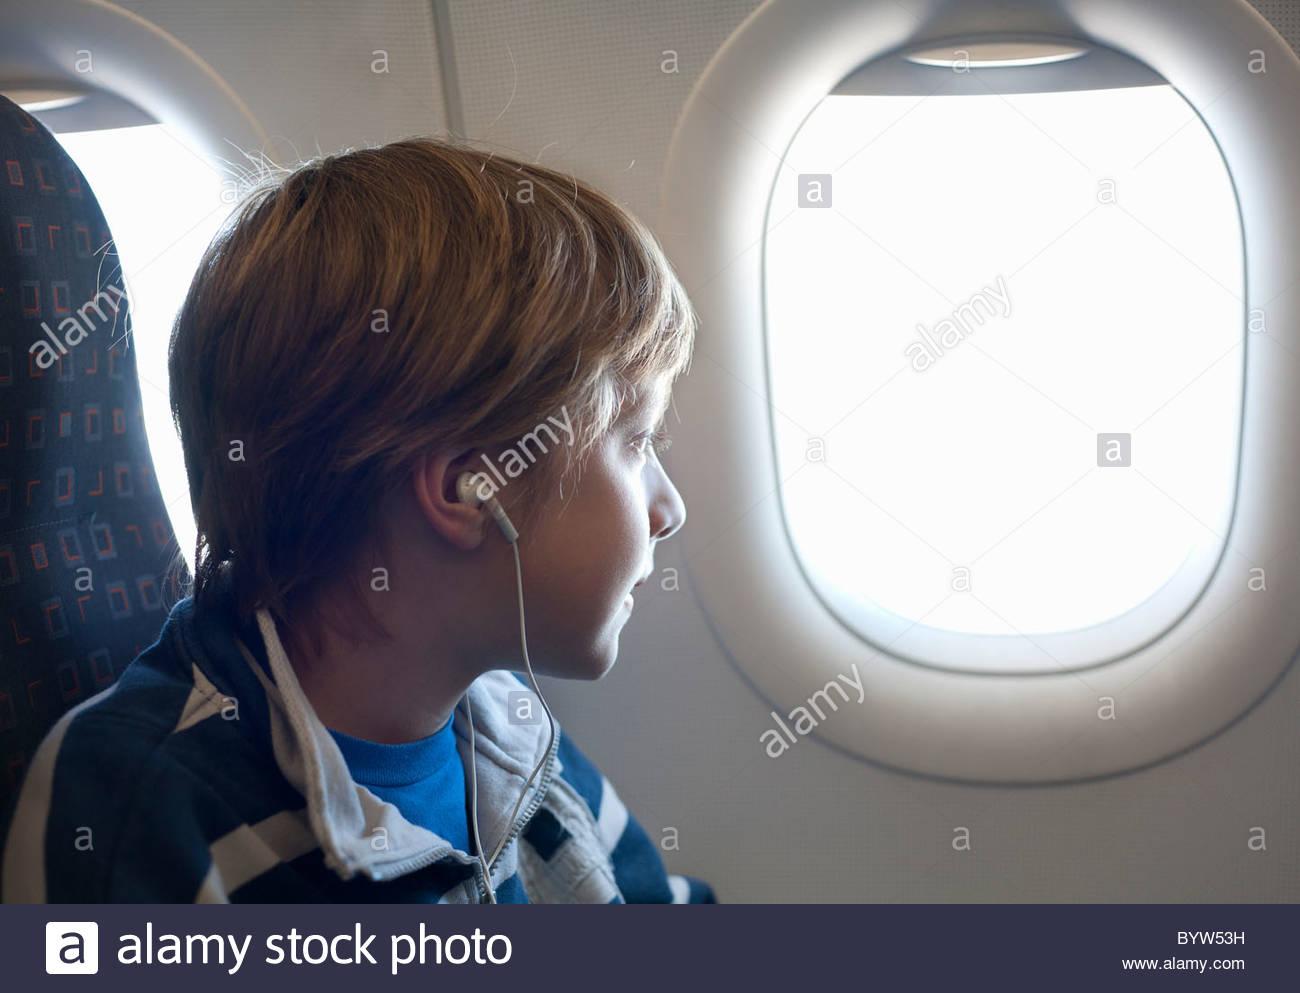 Le garçon à la fenêtre de l'avion Photo Stock